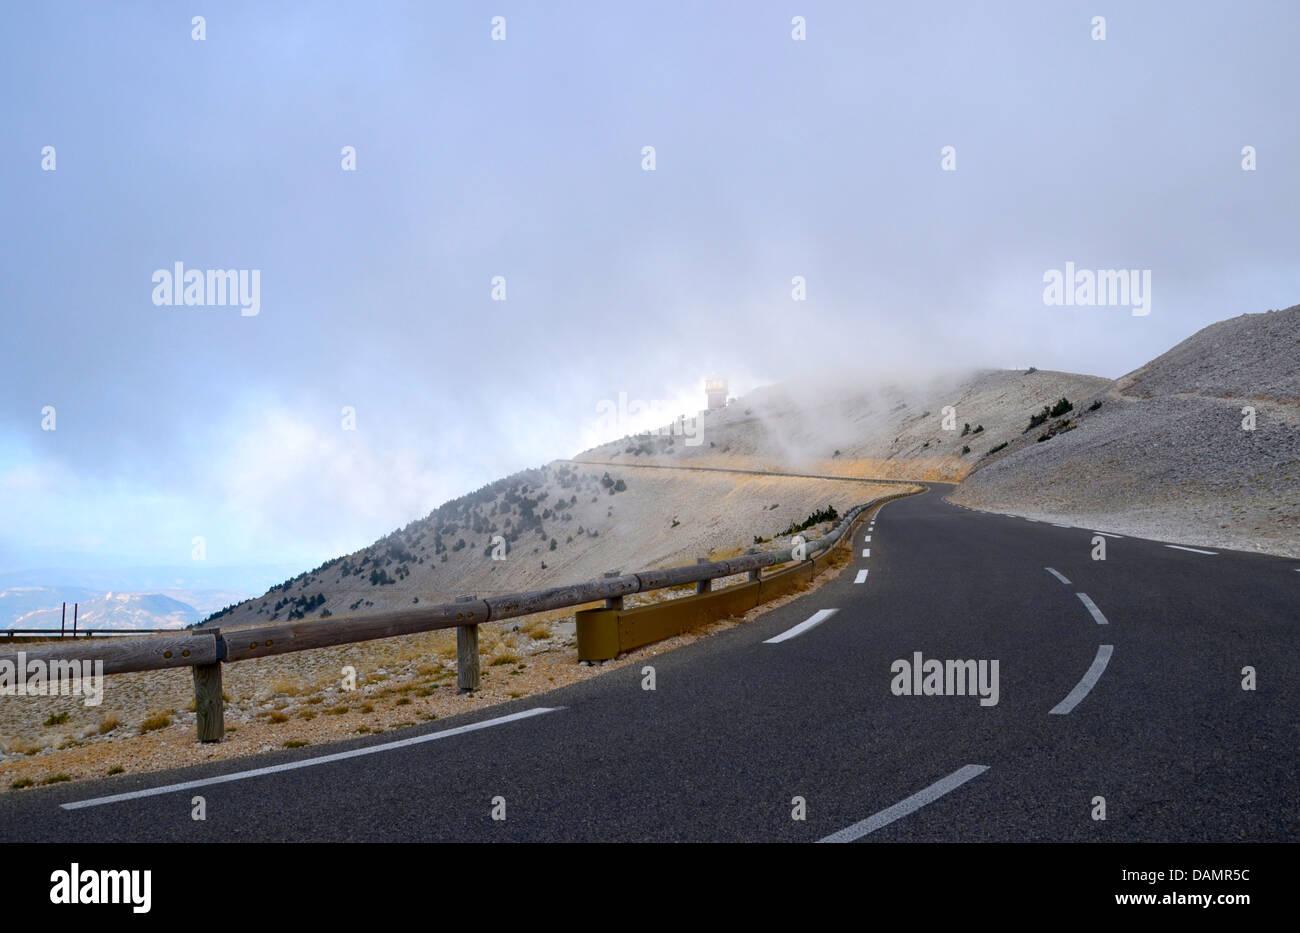 Mont Ventoux - la montagne de vent, de vent au sommet, en particulier mistral Provence, France, Tour de France, Photo Stock